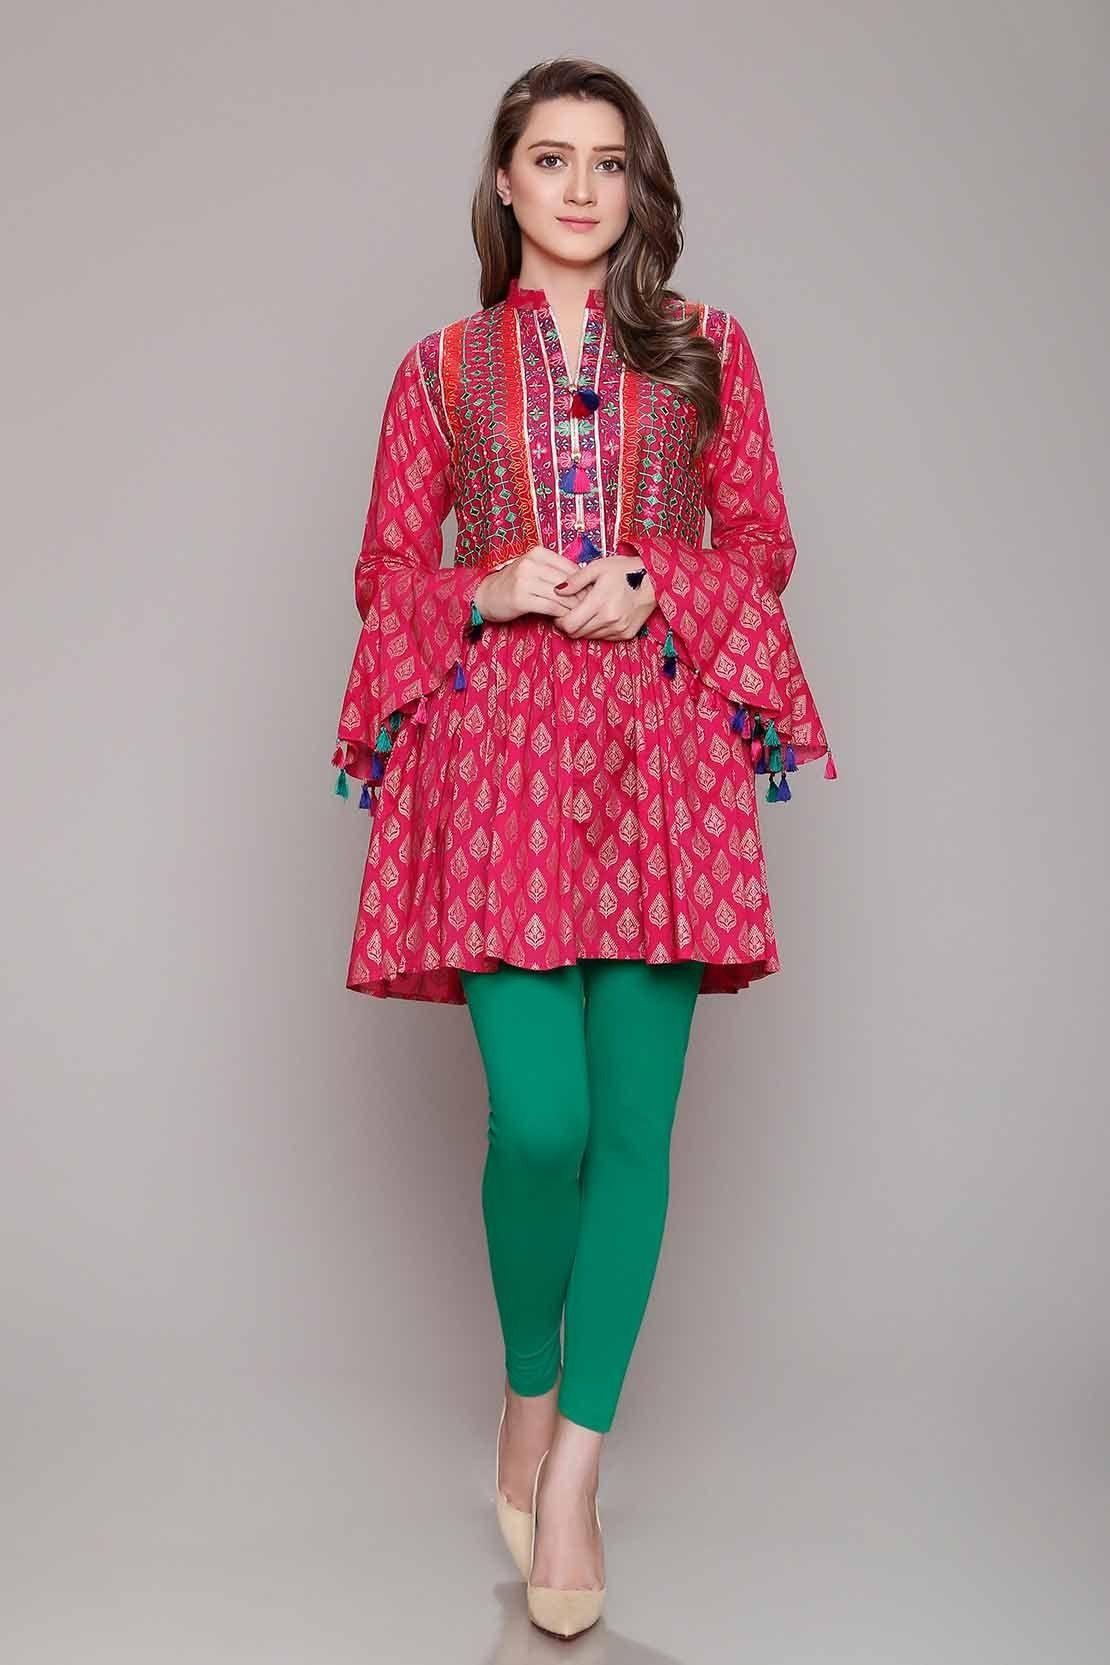 Rang ja pret collection eid festival gorgeous dresses